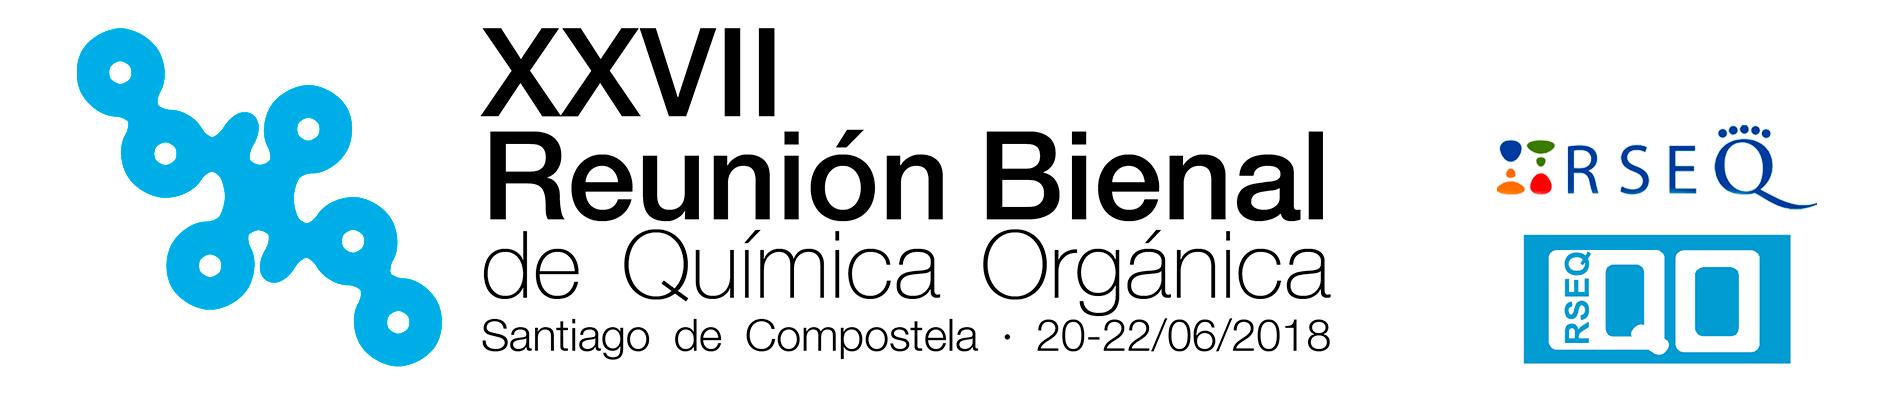 XXVII Reunión Bienal de Química Orgánica - BIQOS2018